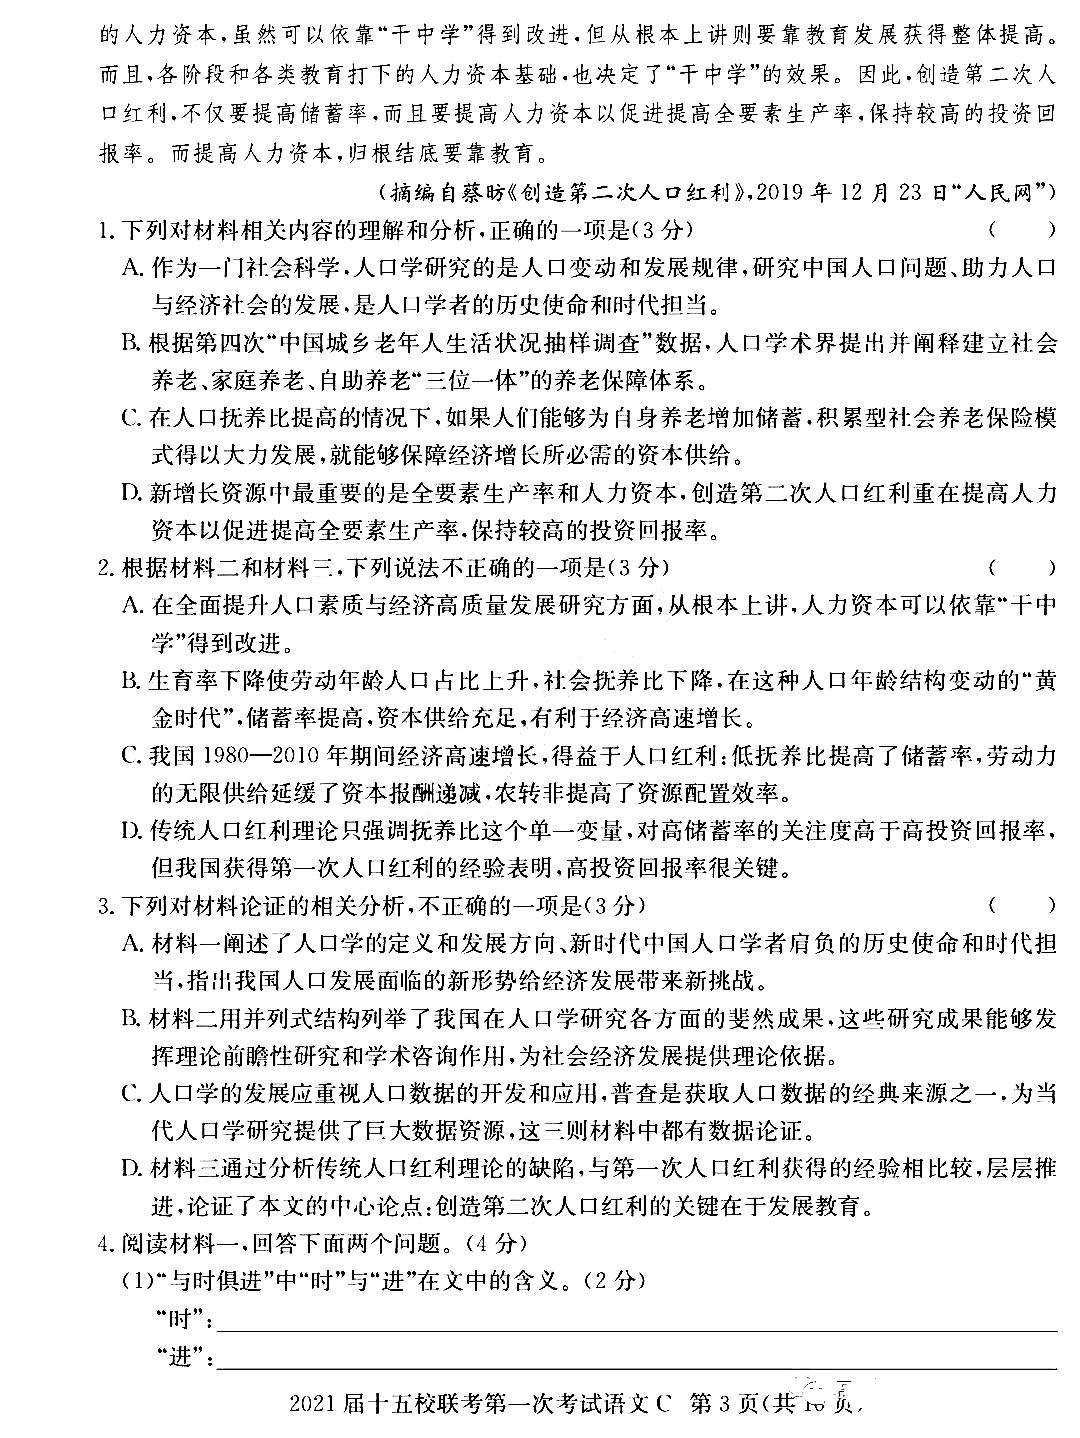 2021届湖南长郡十五校高三联考第一次考试语文试卷答案解析图3